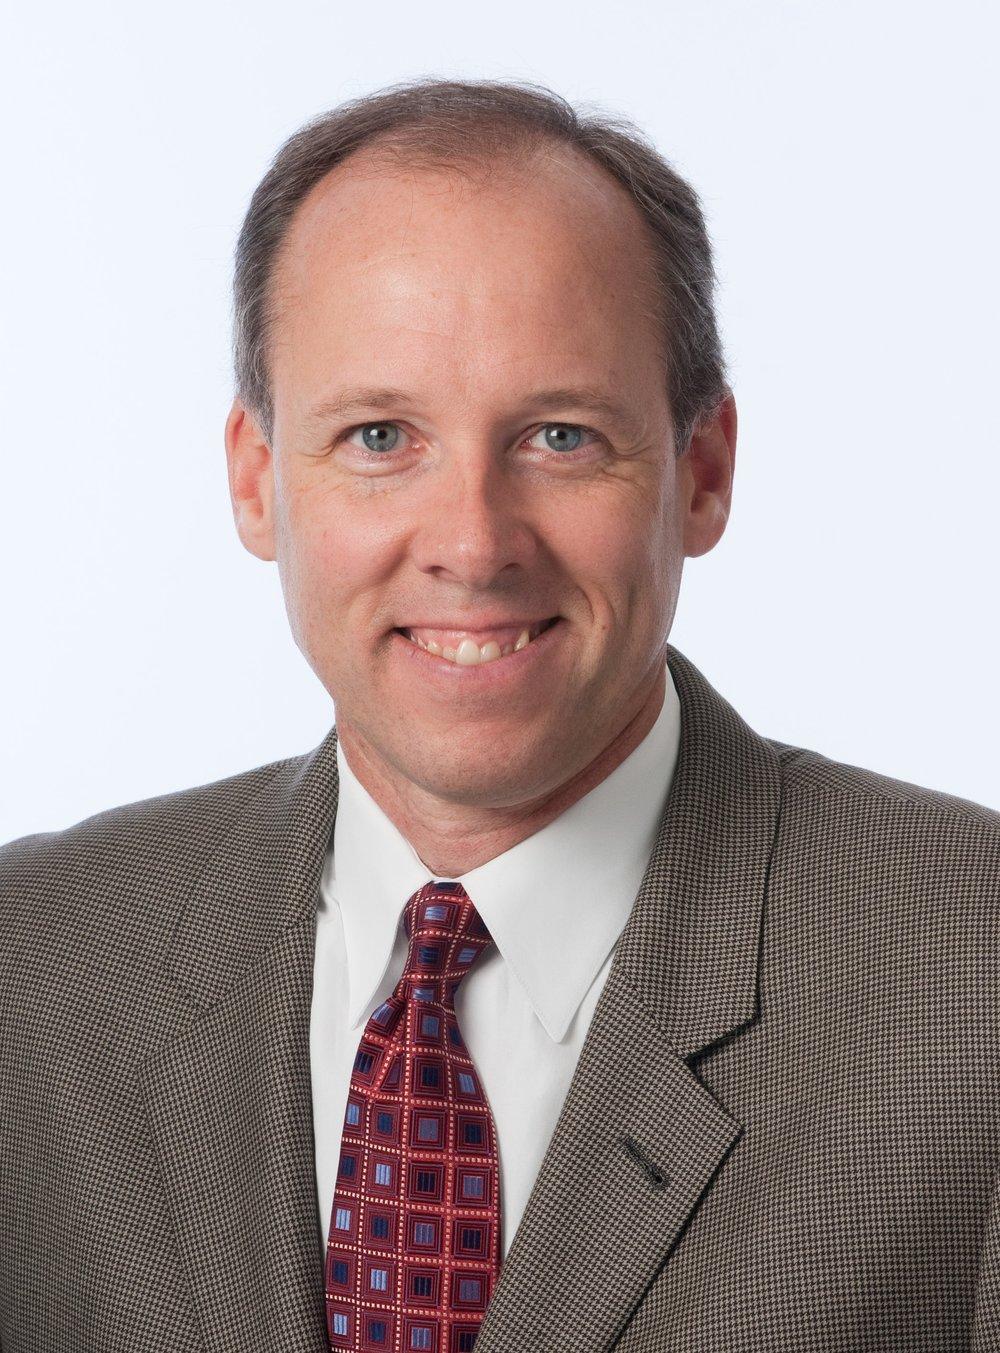 Matt Tidwell